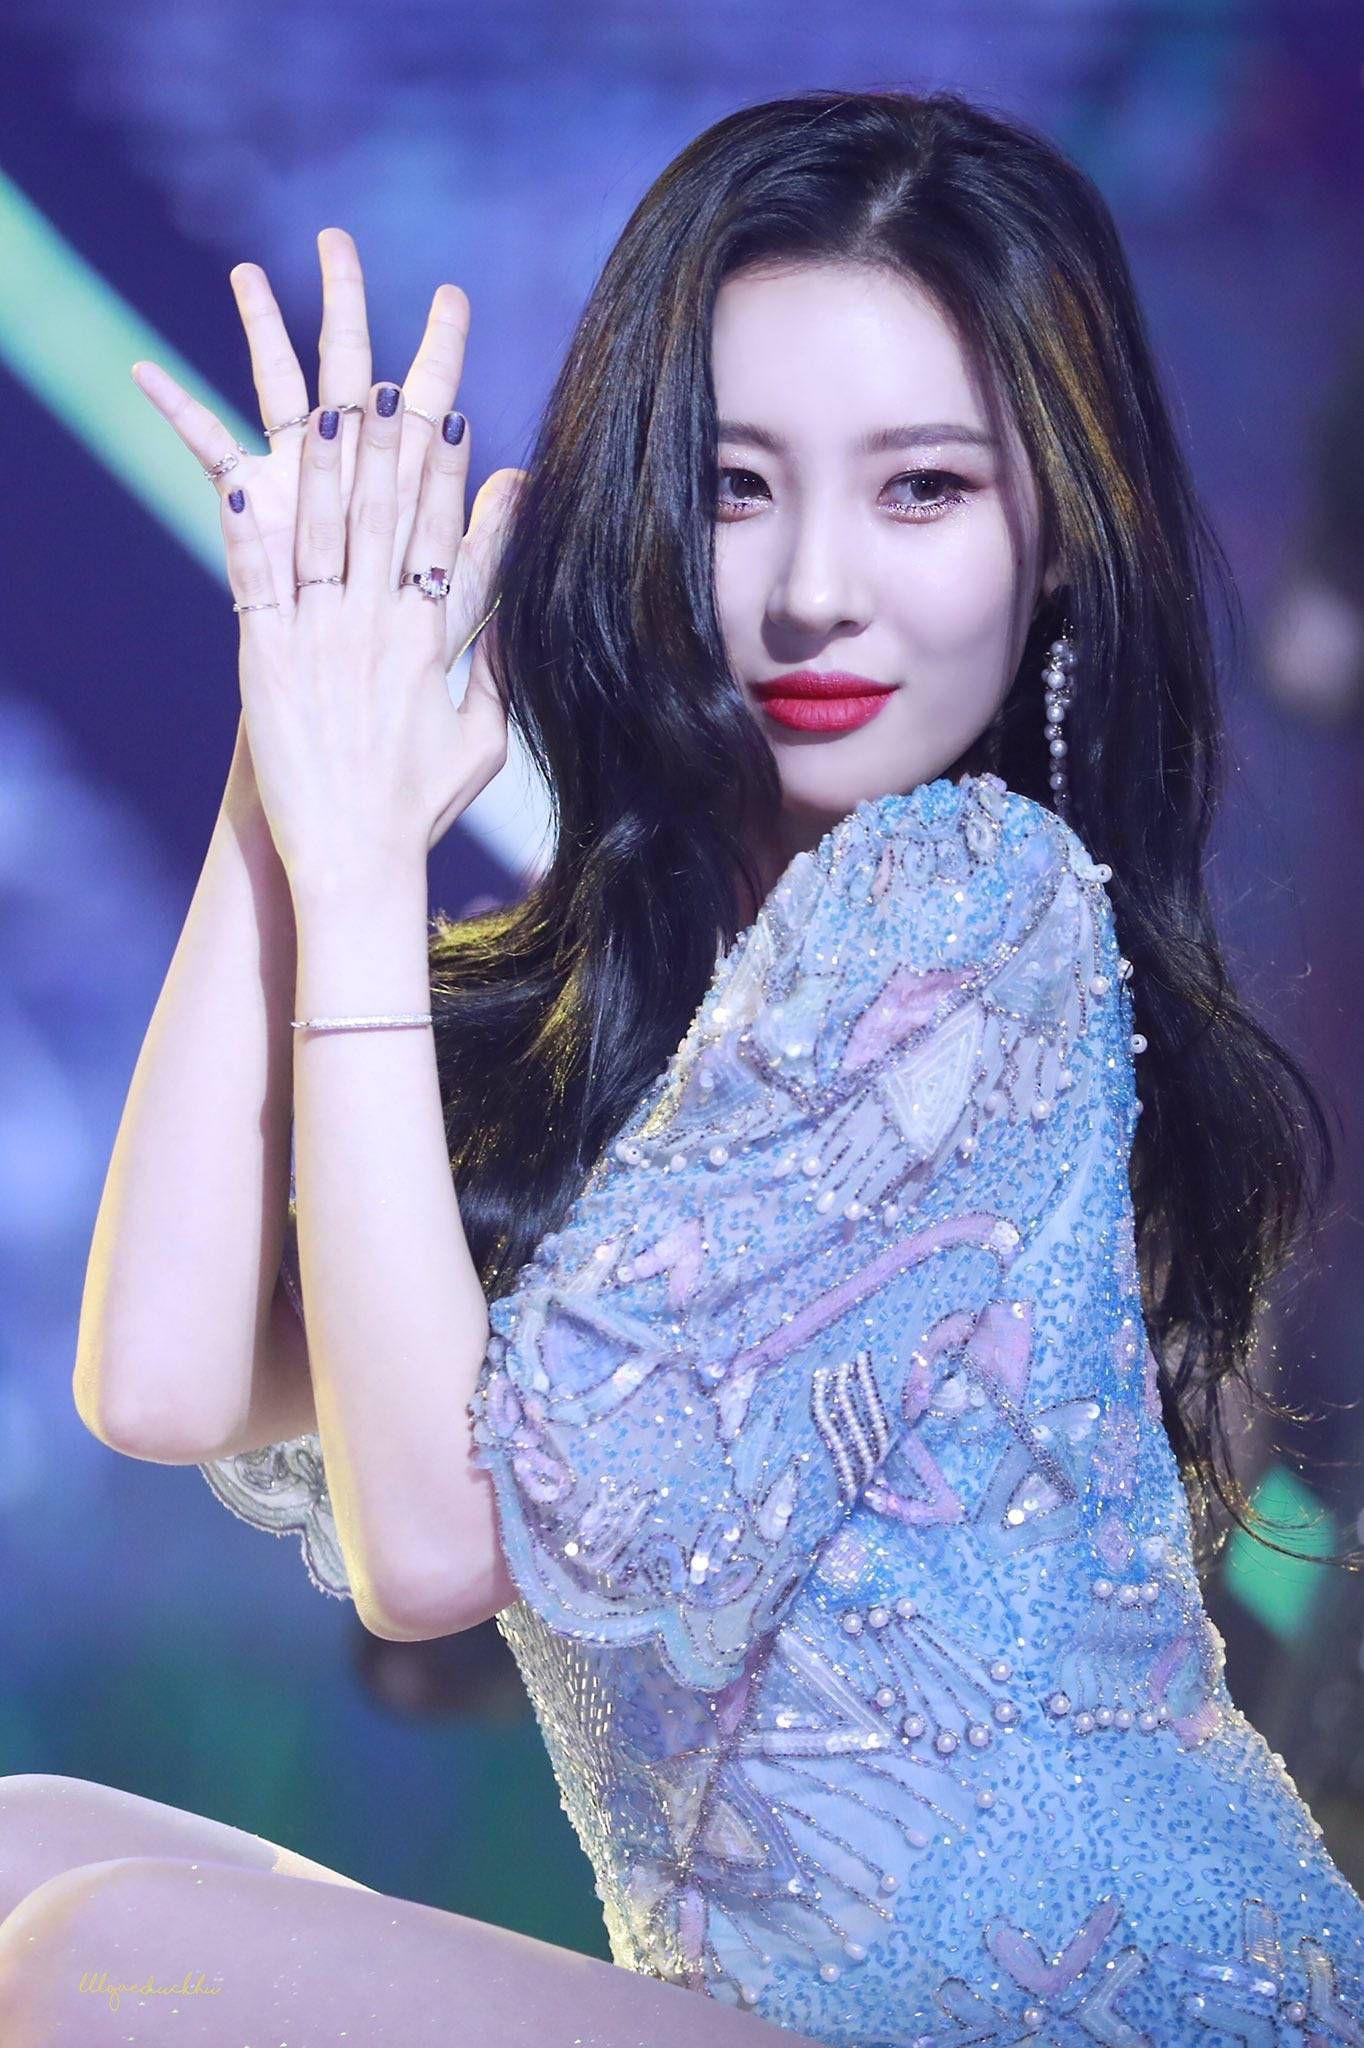 Sau Lee Hyori, ai sẽ là nữ hoàng sân khấu kế cận của Kpop? - Ảnh 4.